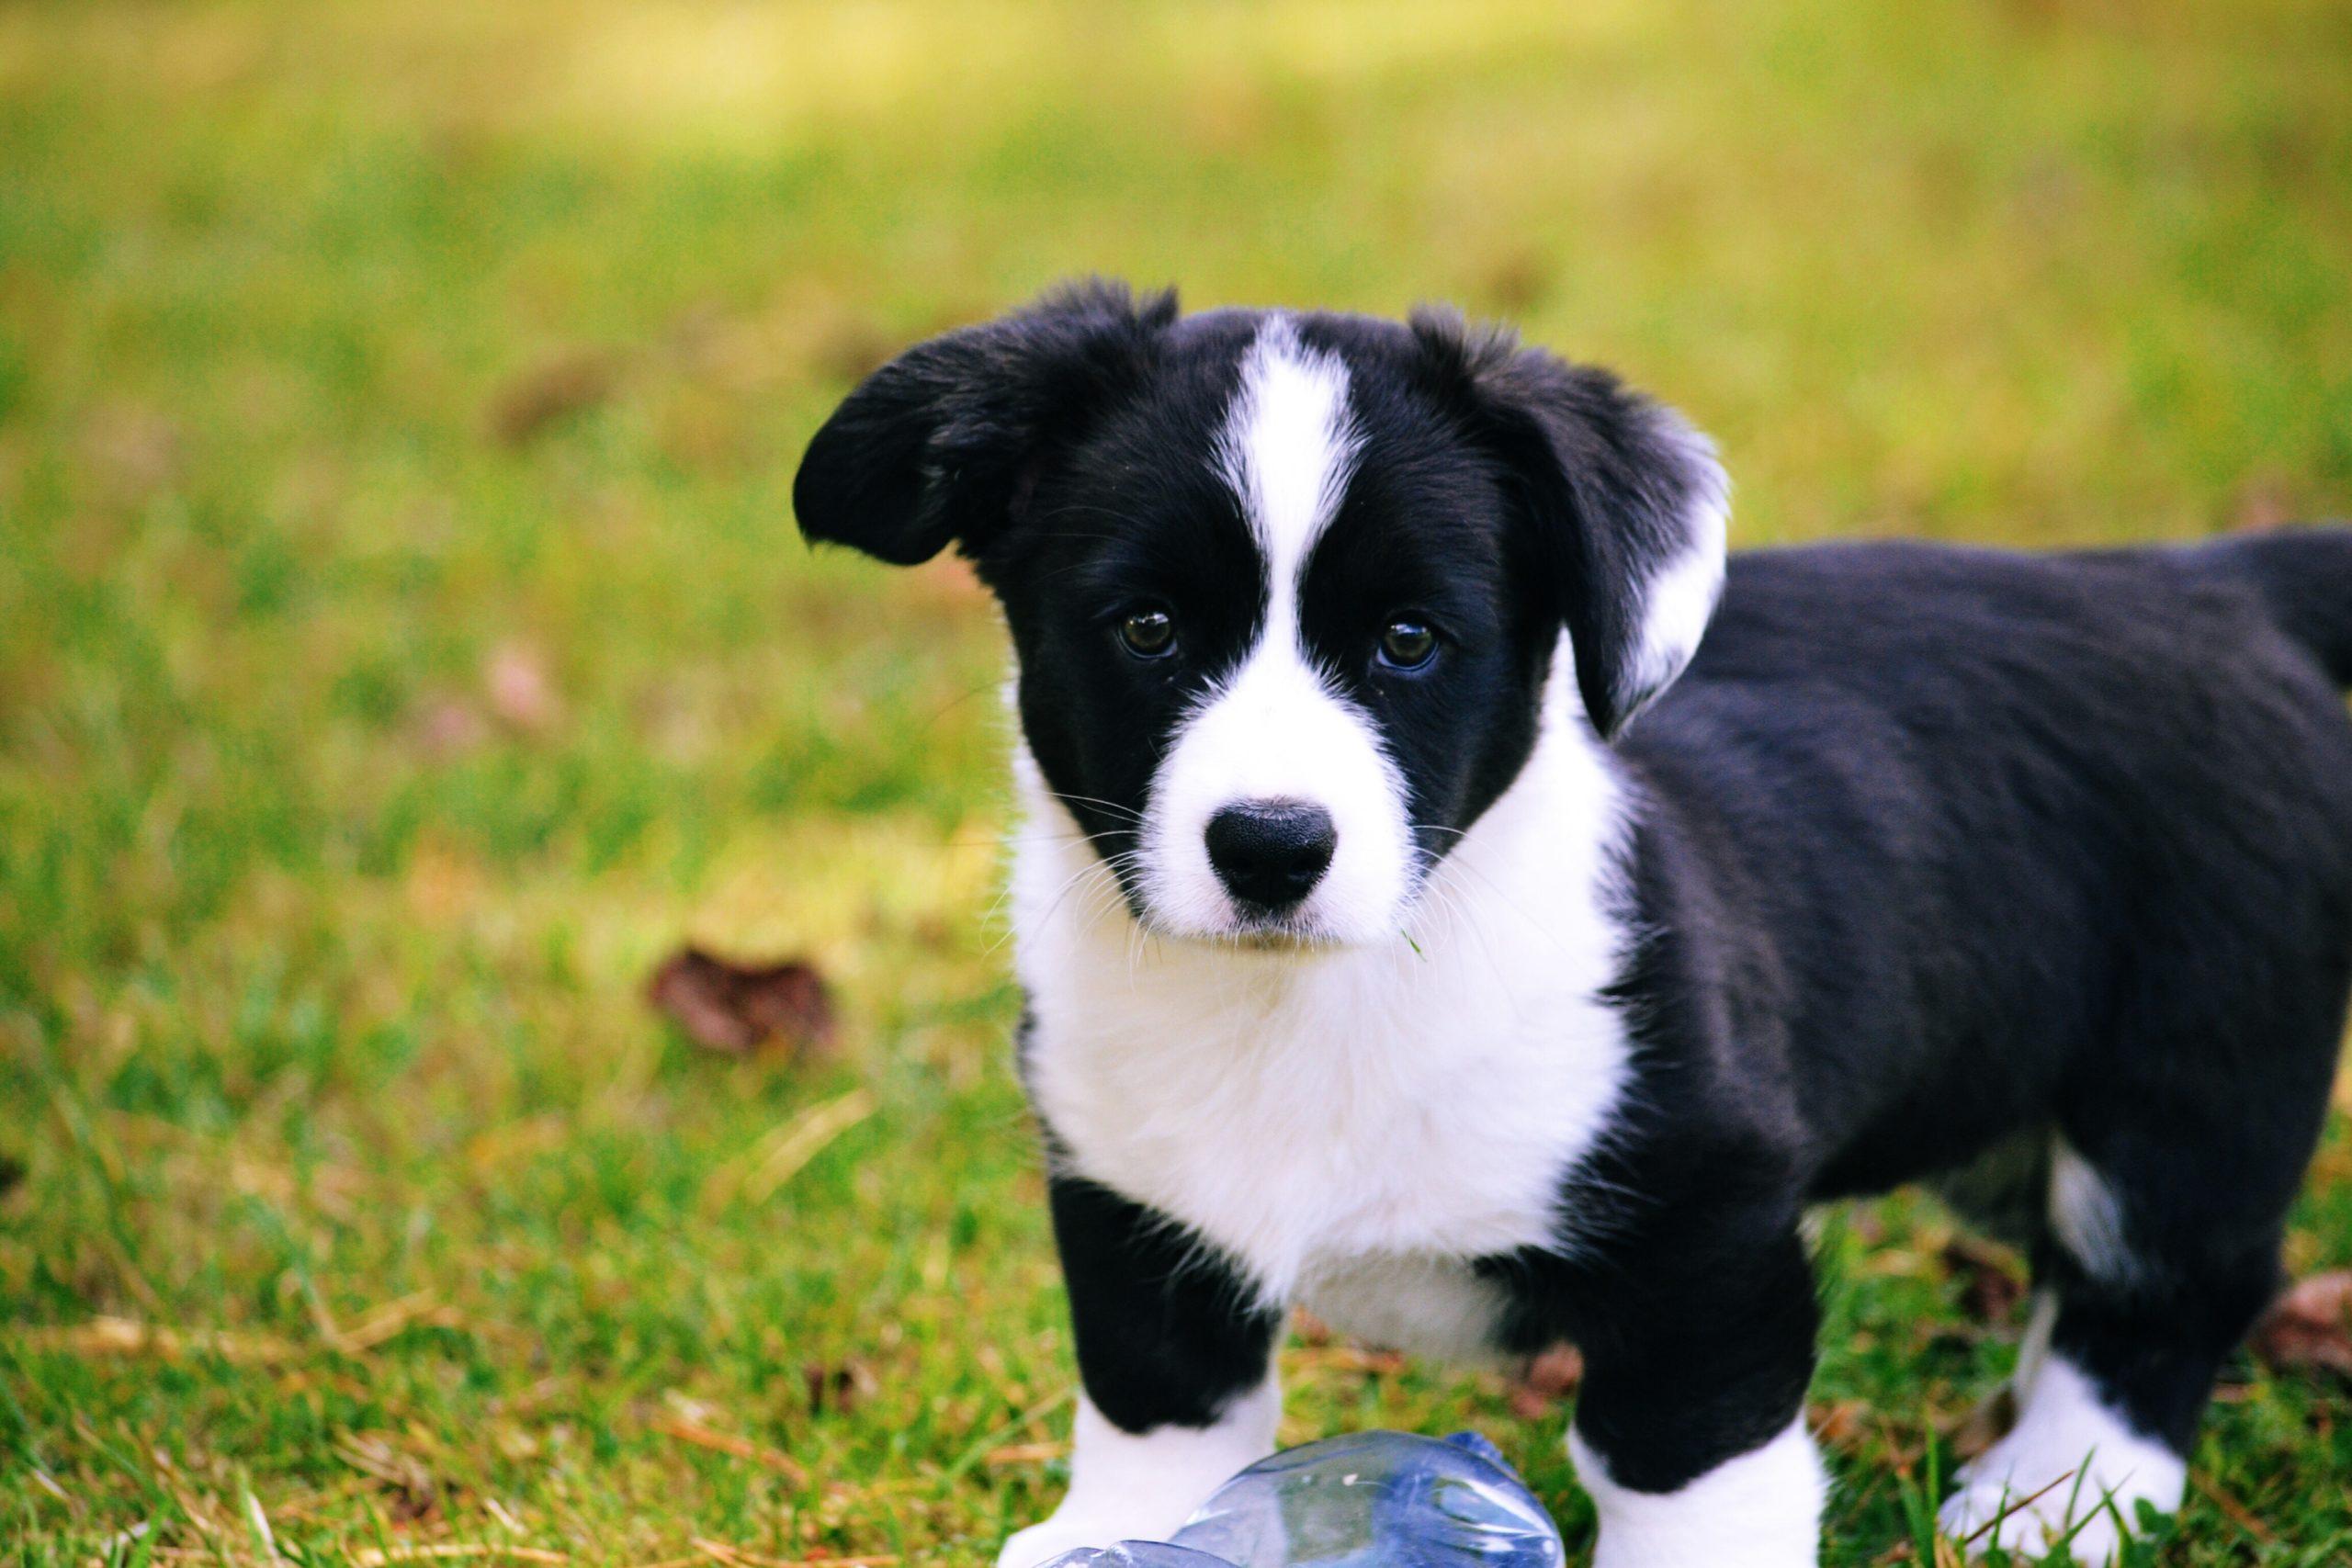 Junge Hunde neigen zum Beißen. So kann man Ihnen das abgewöhnen.